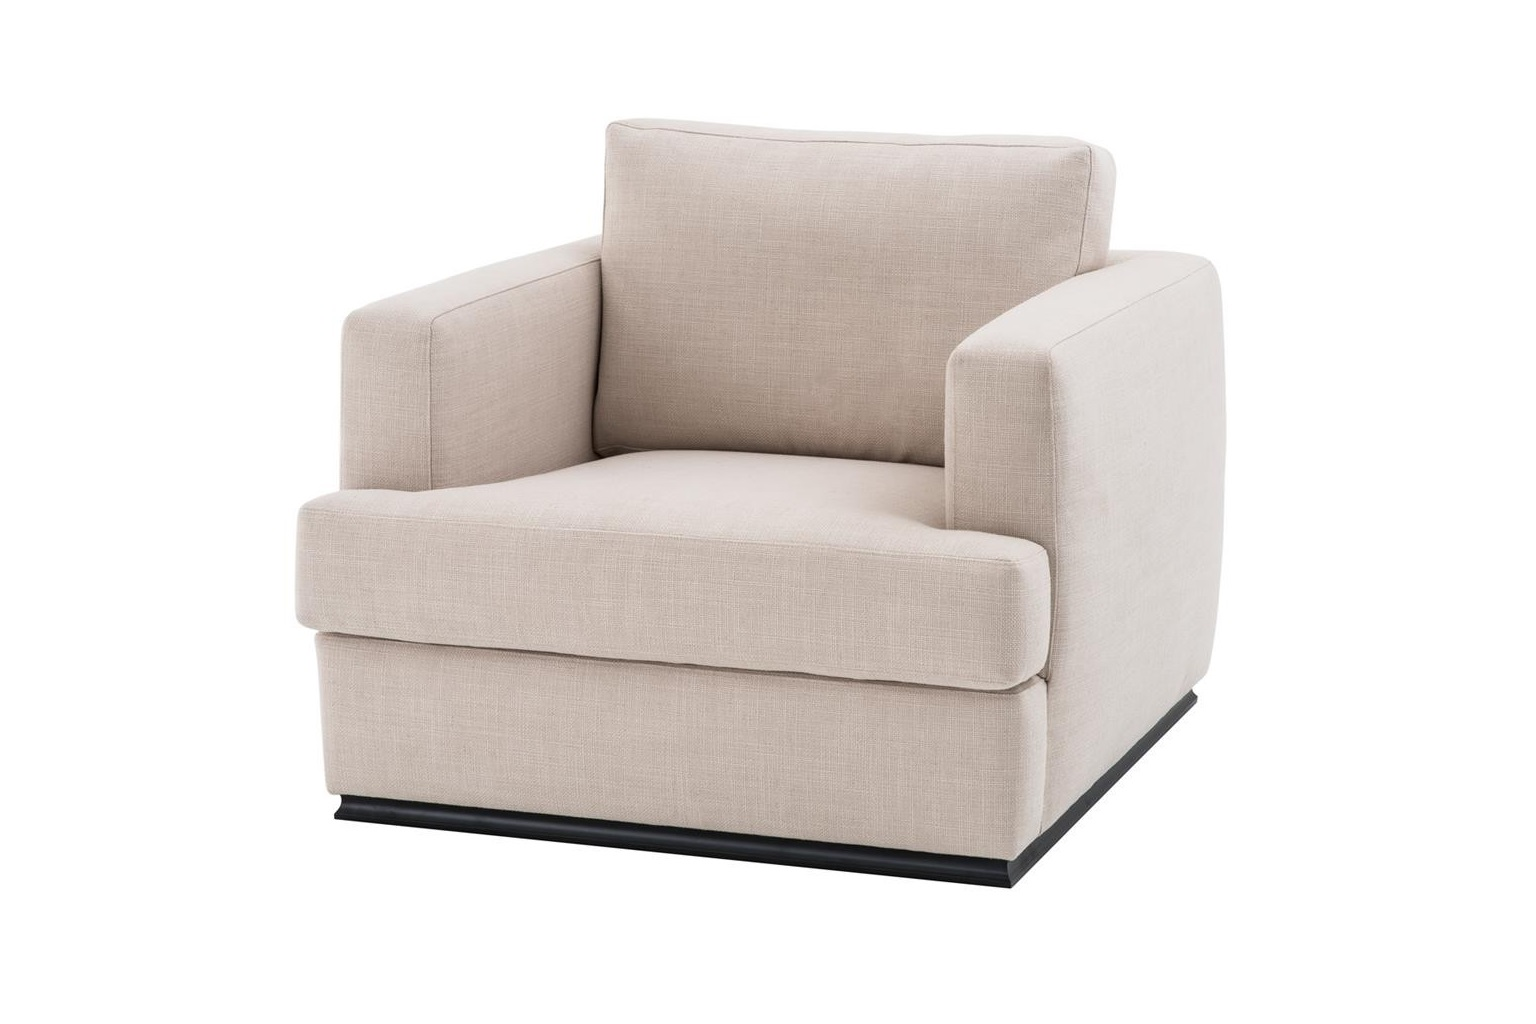 Кресло HallandaleИнтерьерные кресла<br><br><br>Material: Текстиль